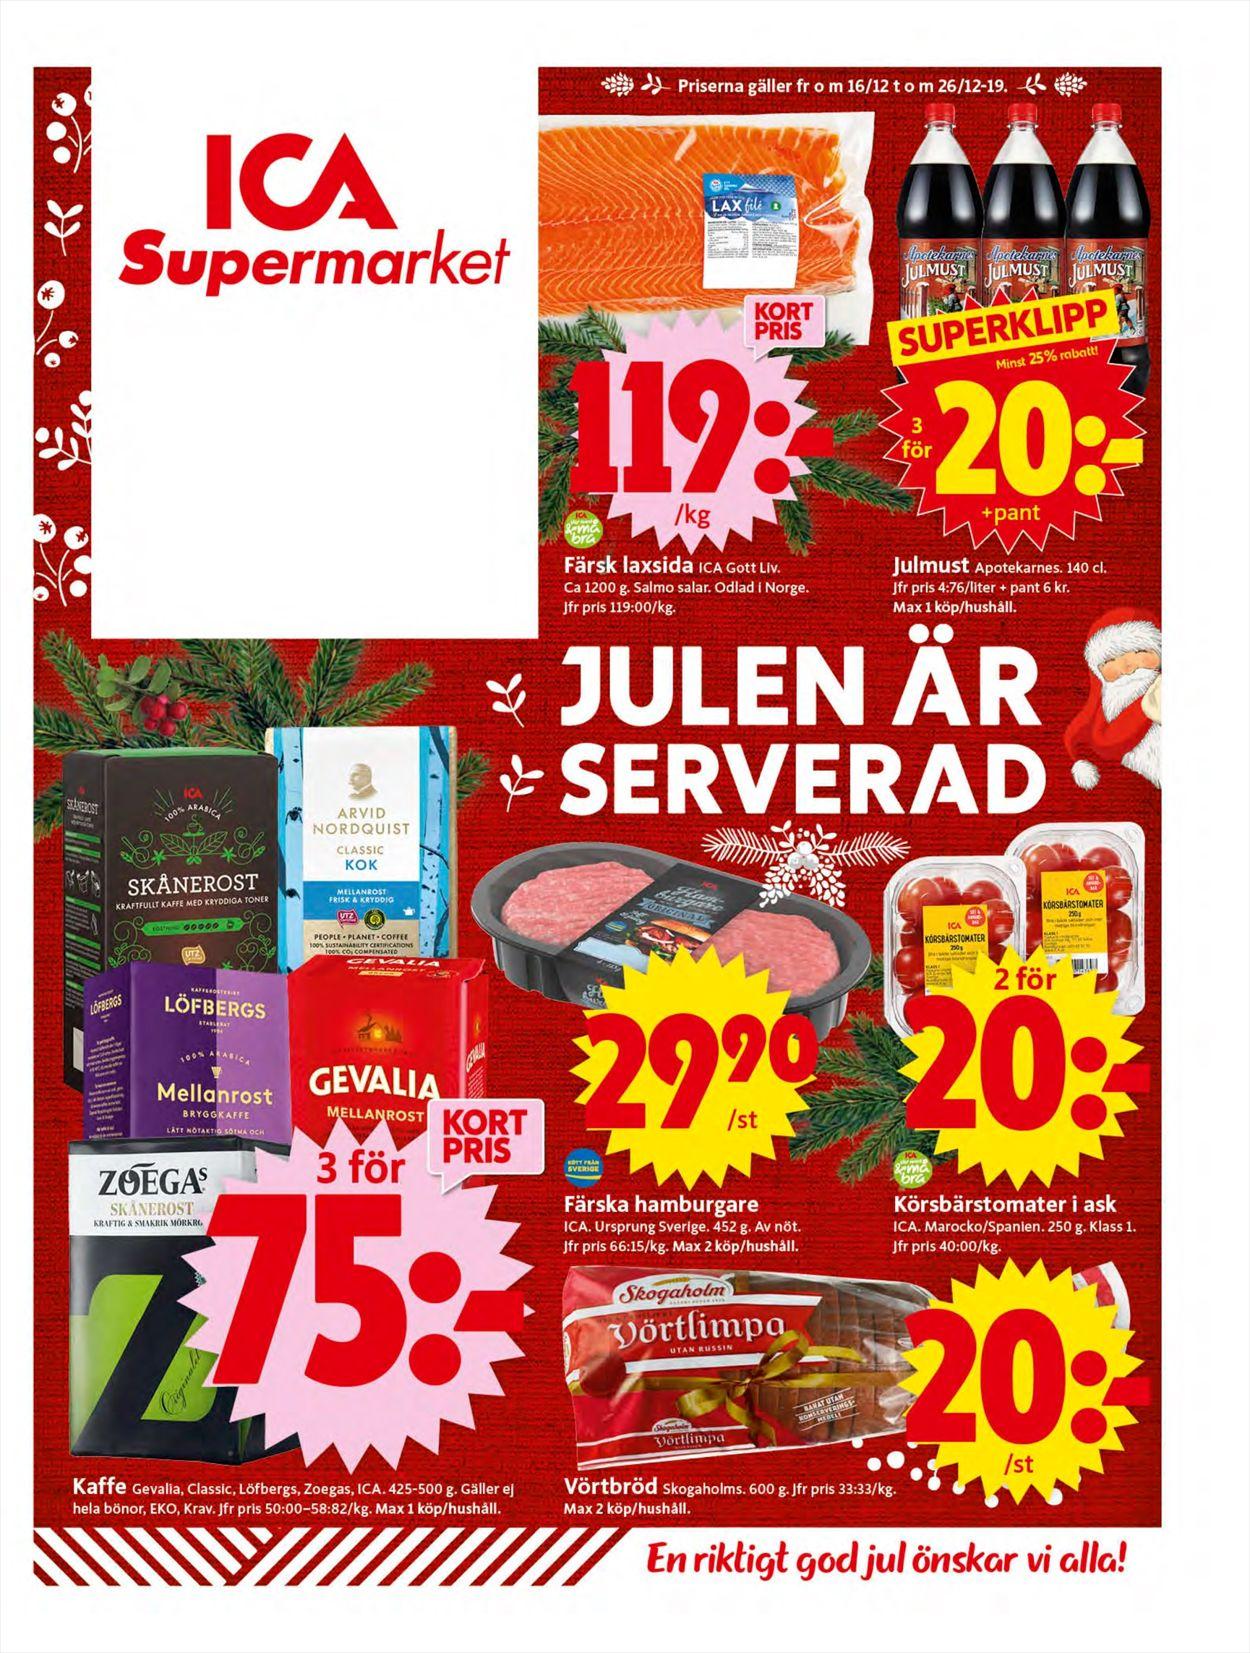 Aktuell annons ICA Julen 2019 - Reklamblad - 16/12-26/12-2019